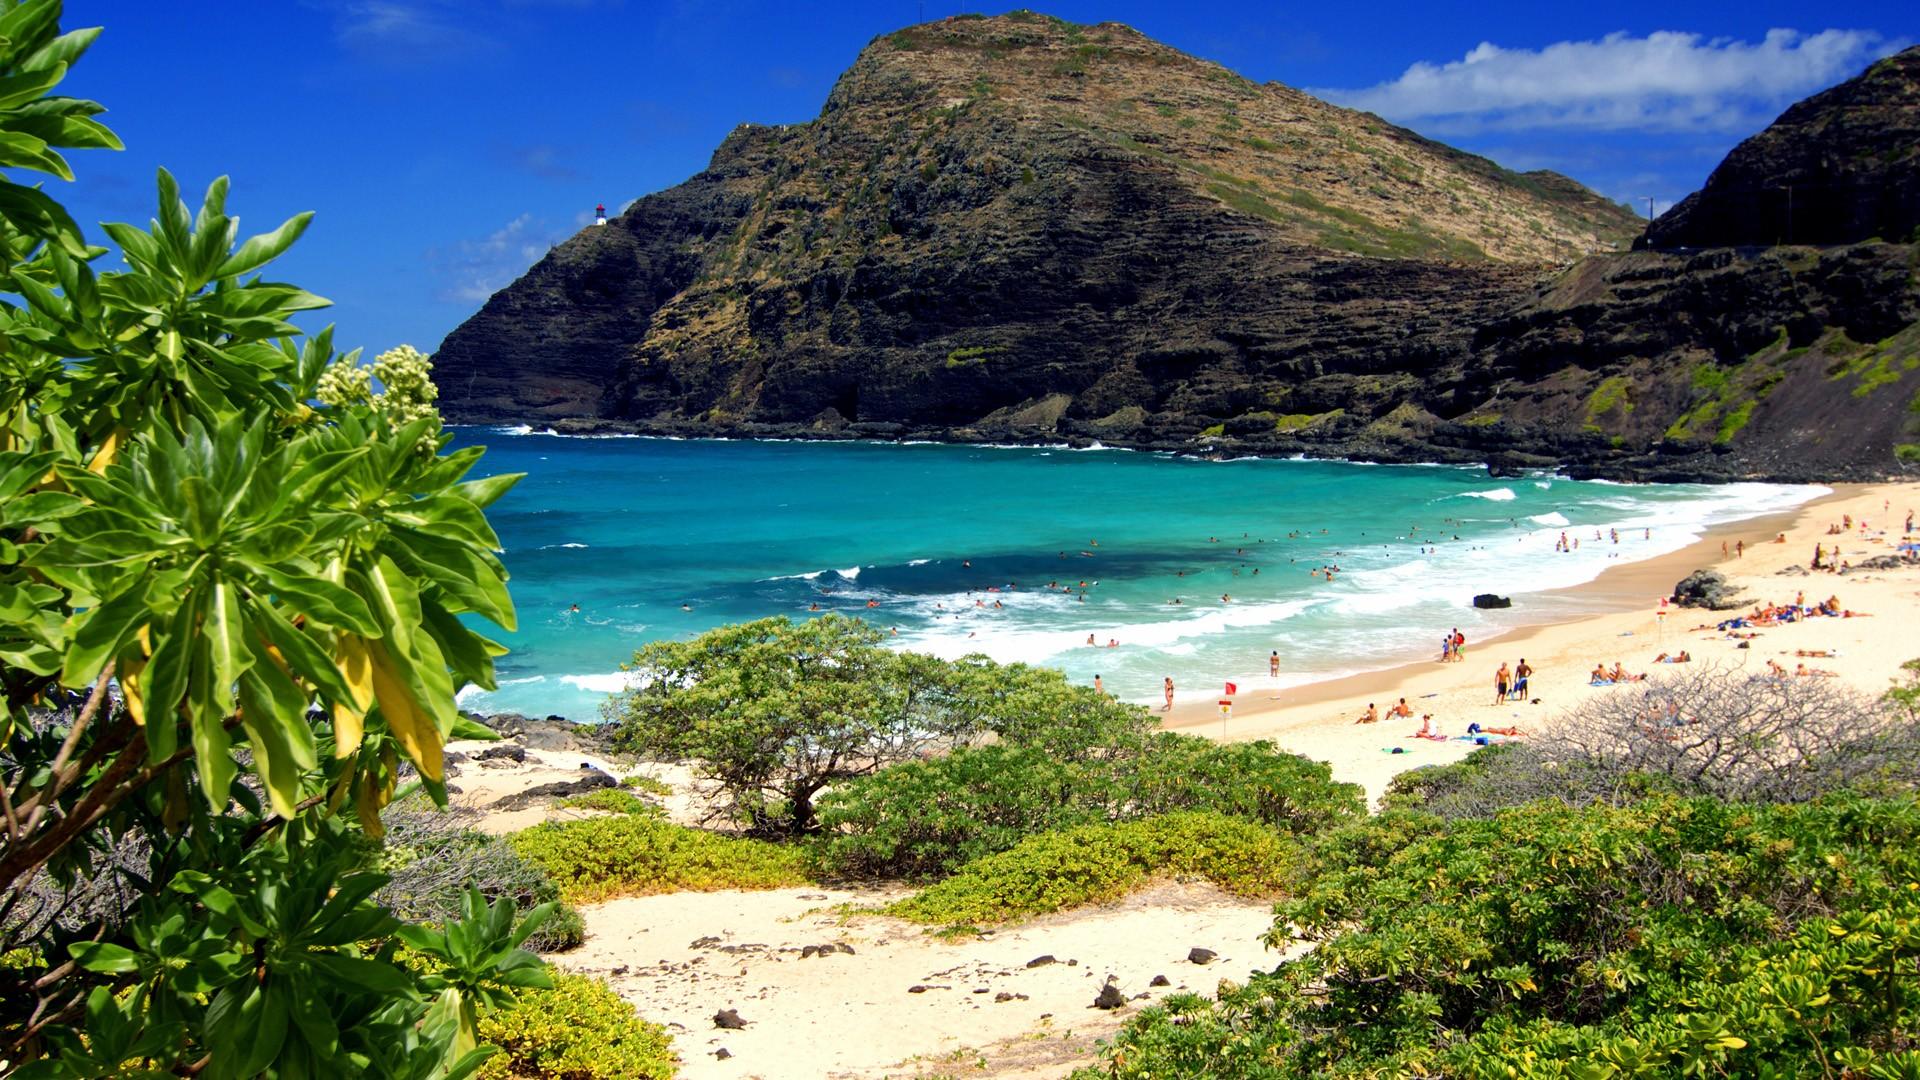 Daily Wallpaper: Oahu Beach, Hawaii   I Like To Waste My Time